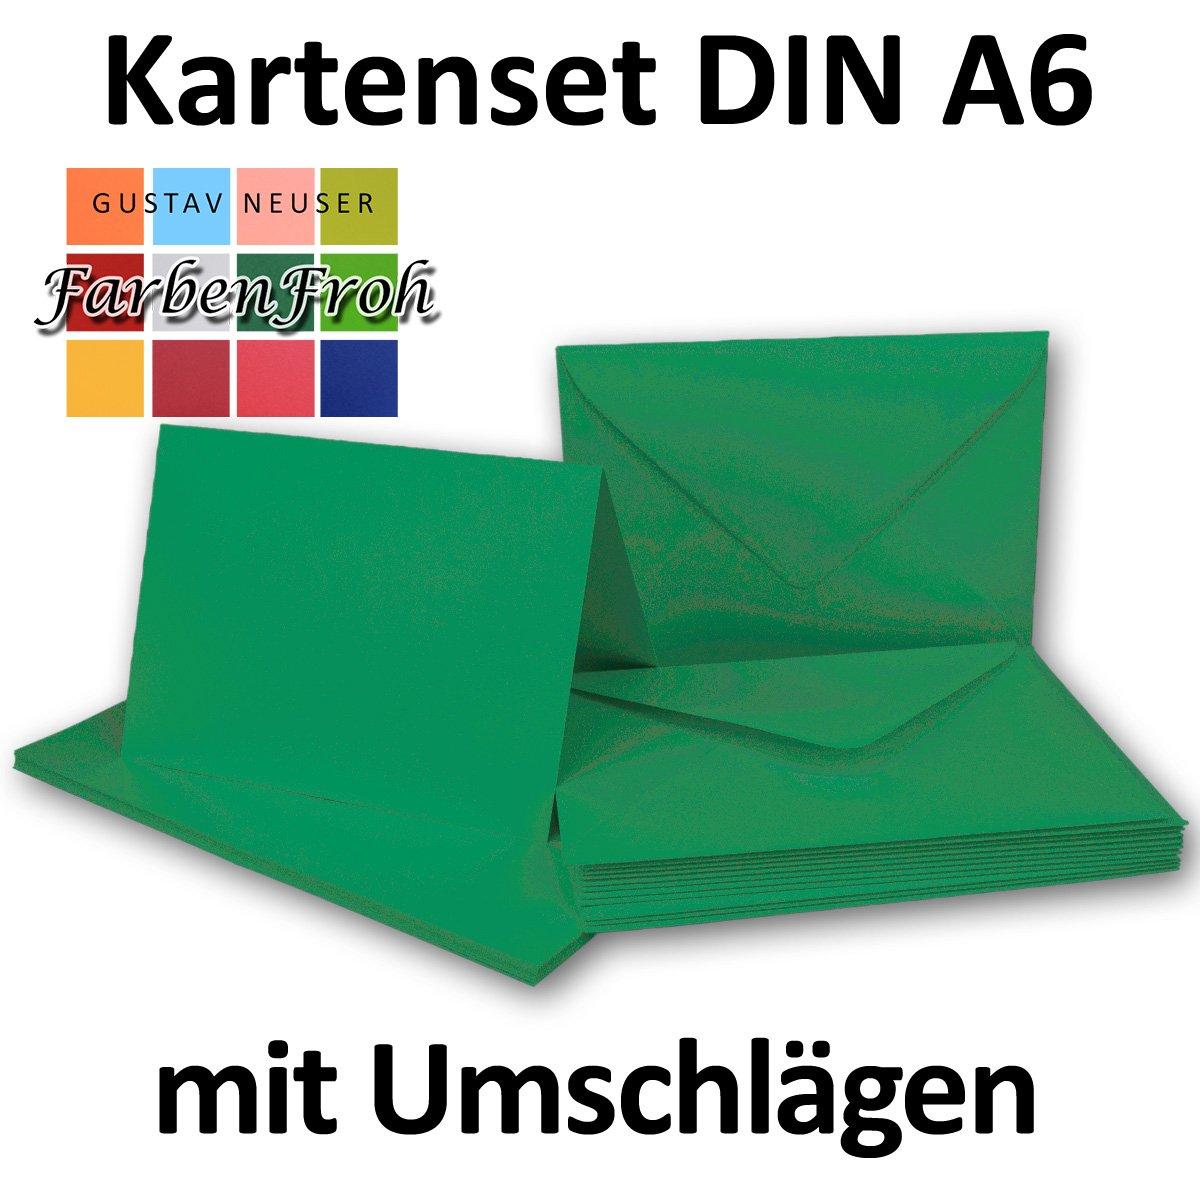 Faltkarten Faltkarten Faltkarten Set mit Brief-Umschlägen DIN A6   C6 in Rosanrot   100 Sets   14,8 x 10,5 cm   Premium Qualität   Serie FarbenFroh® B076TCLXXP | Spielen Sie das Beste  cb33dc